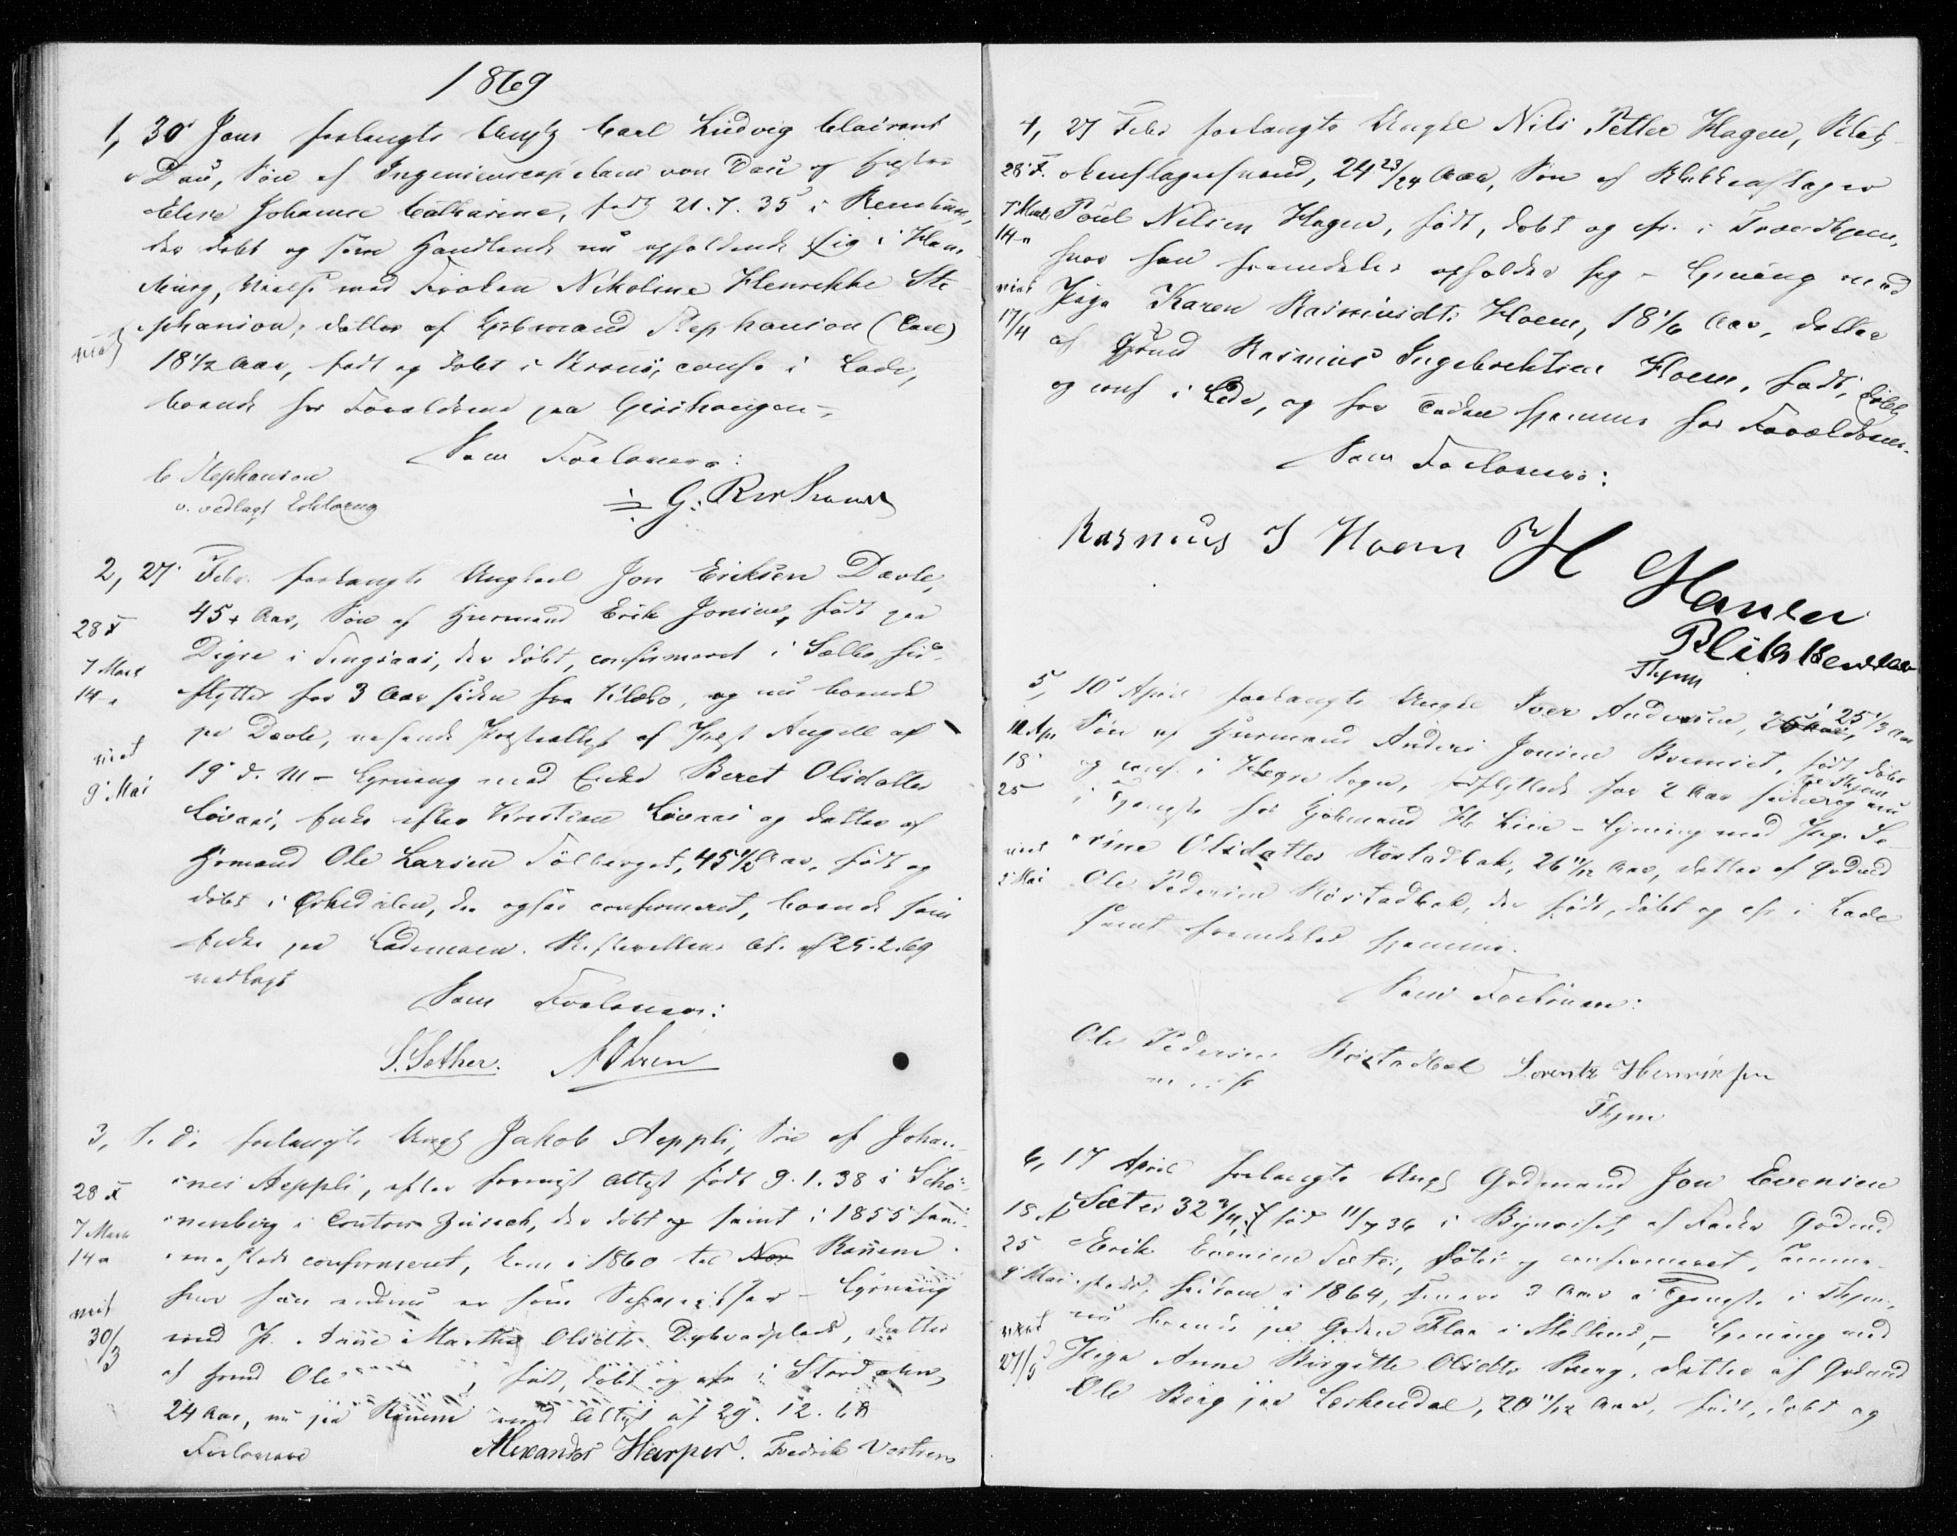 SAT, Ministerialprotokoller, klokkerbøker og fødselsregistre - Sør-Trøndelag, 606/L0298: Lysningsprotokoll nr. 606A13, 1861-1872